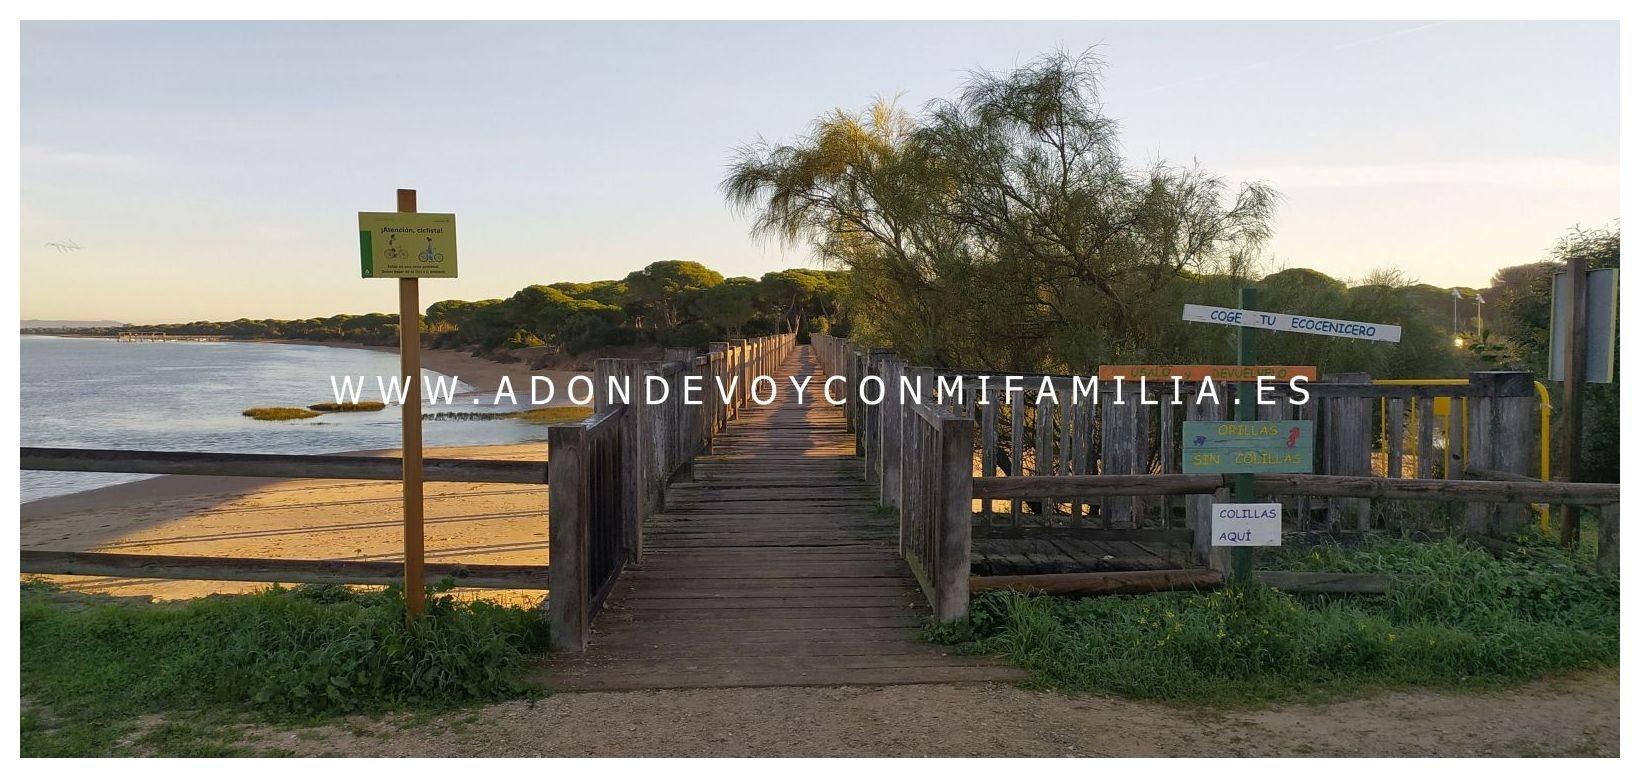 sendero-pinar-de-la-algaida-Adondevoyconmifamilia-05